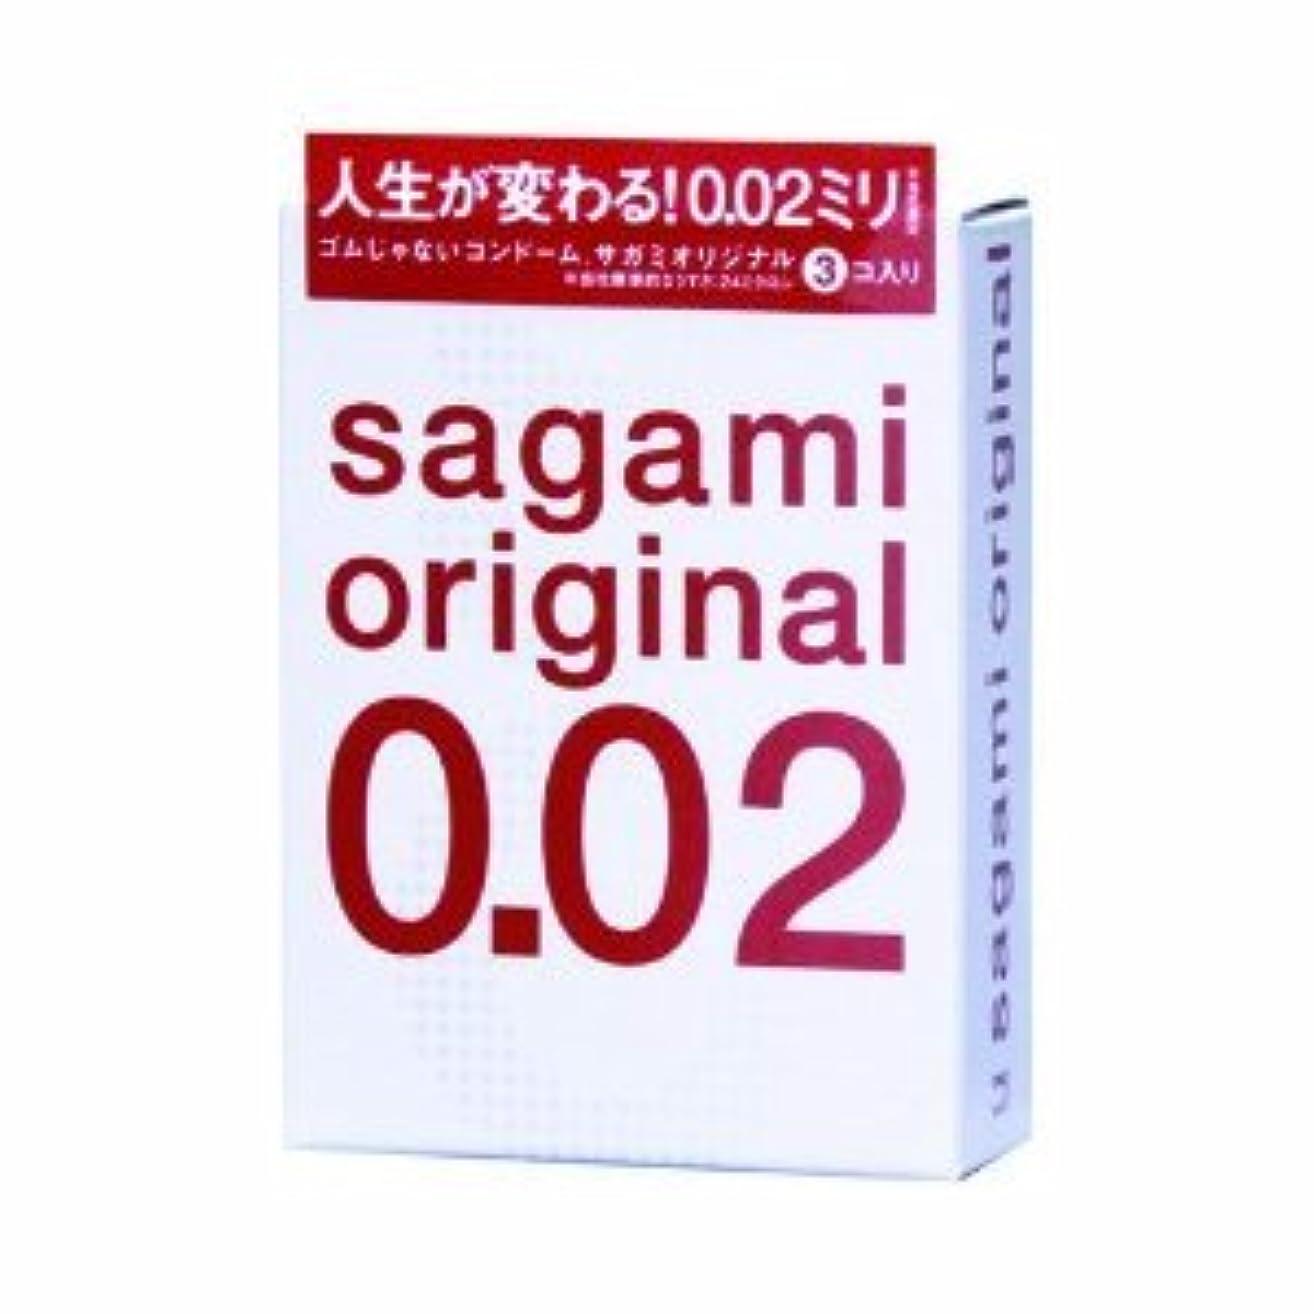 セラー不運白鳥(相模ゴム) サガミオリジナル0.02 500 (3個入り) 【C0304】